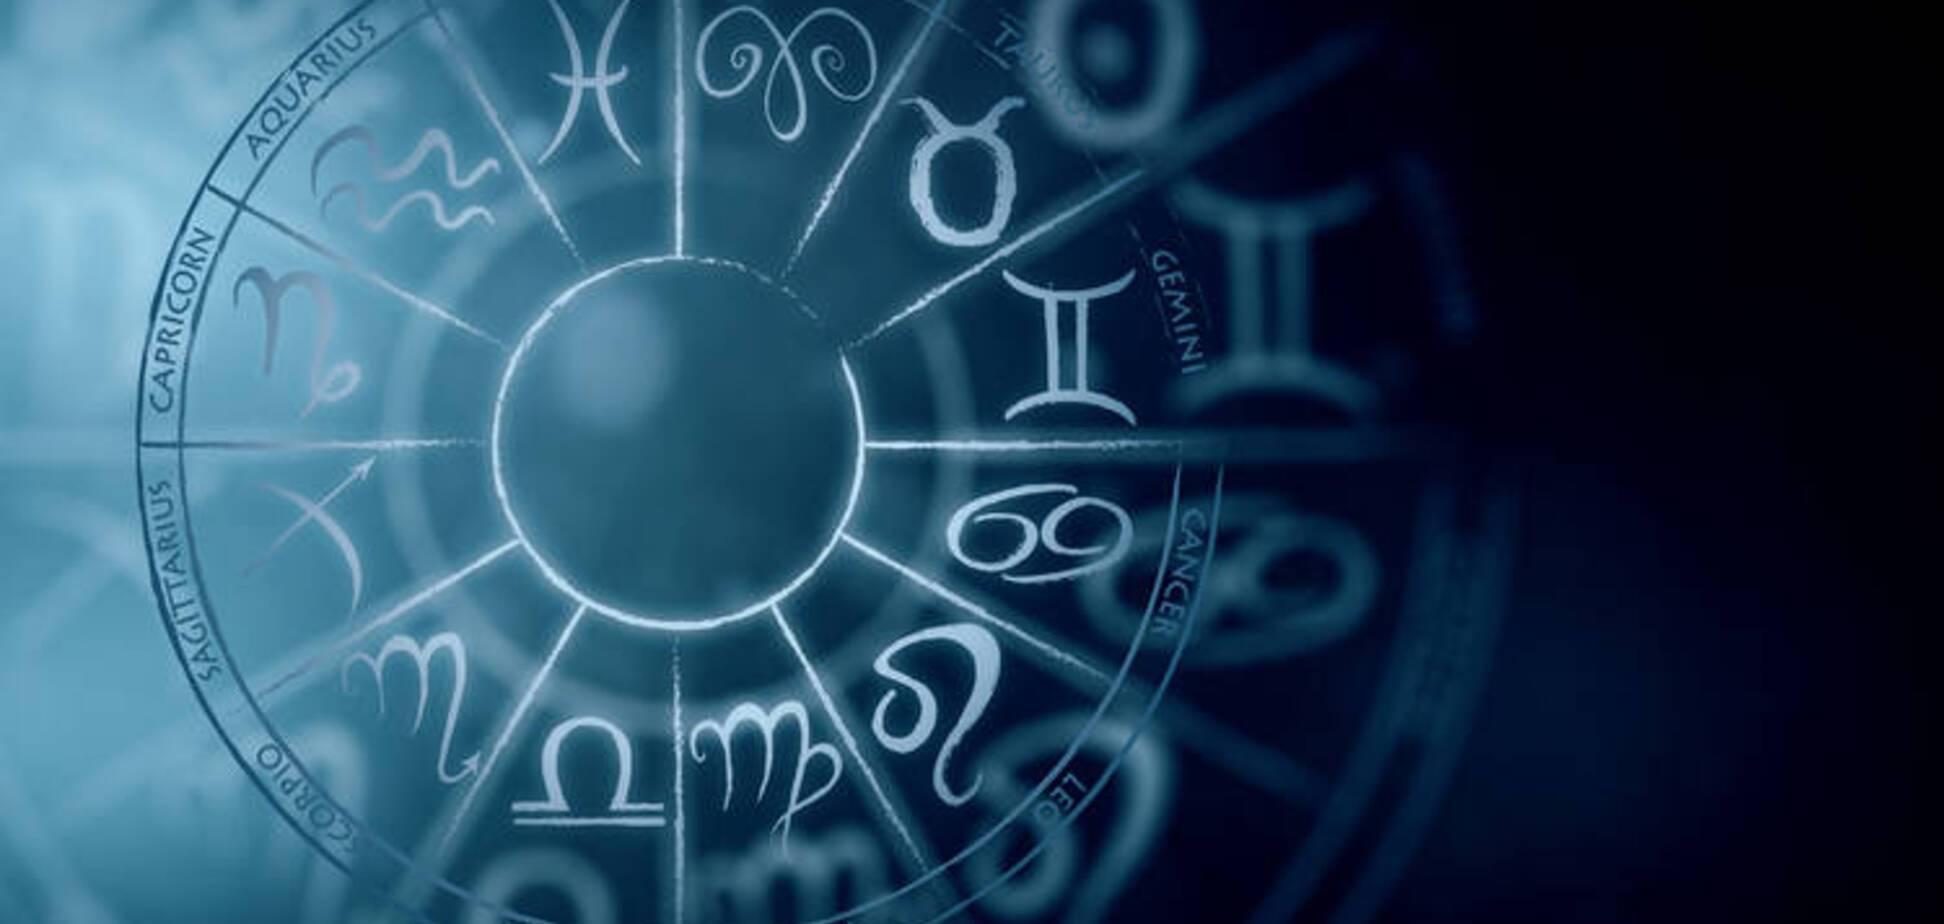 Гороскоп на 13 лютого: що чекає Левів, Раків, Дів та інші знаки зодіаку